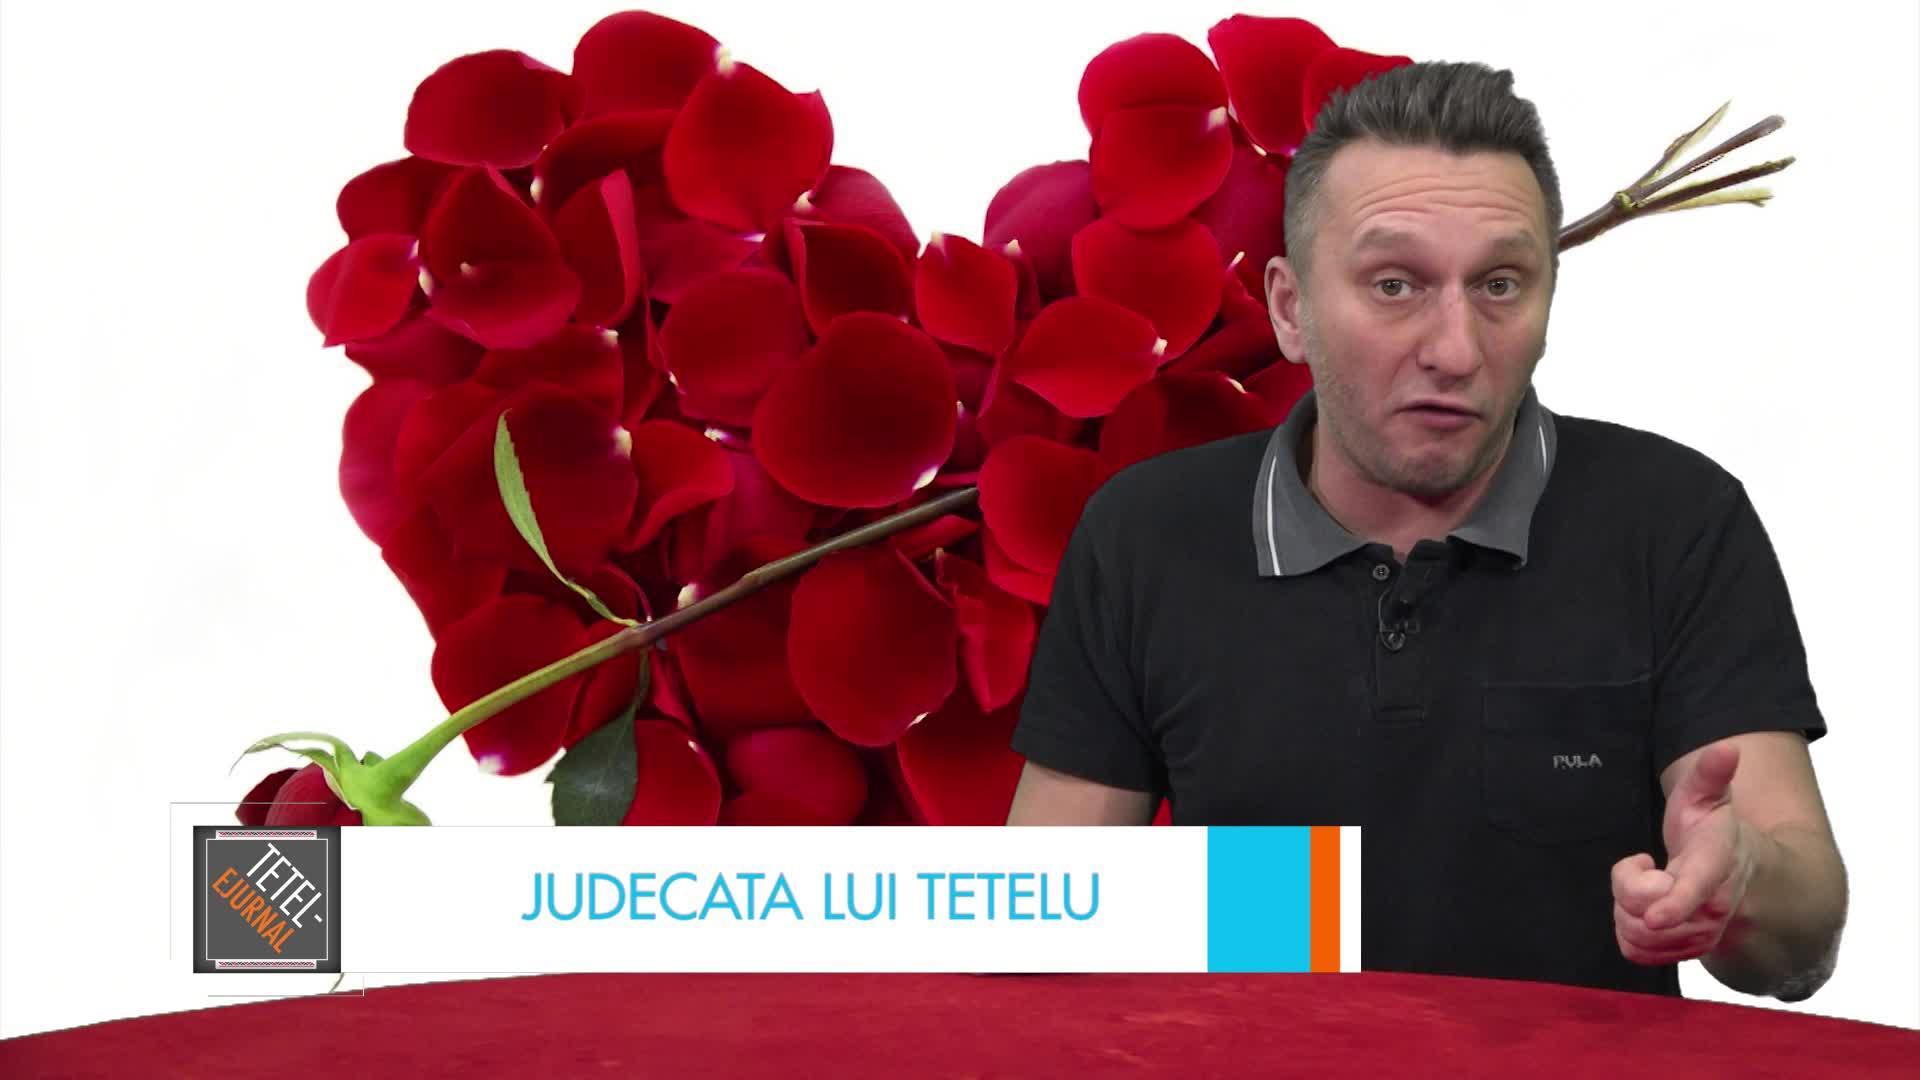 Judecata lui Tetelu: Mesaje de iubire pentru Codruţa Kovesi